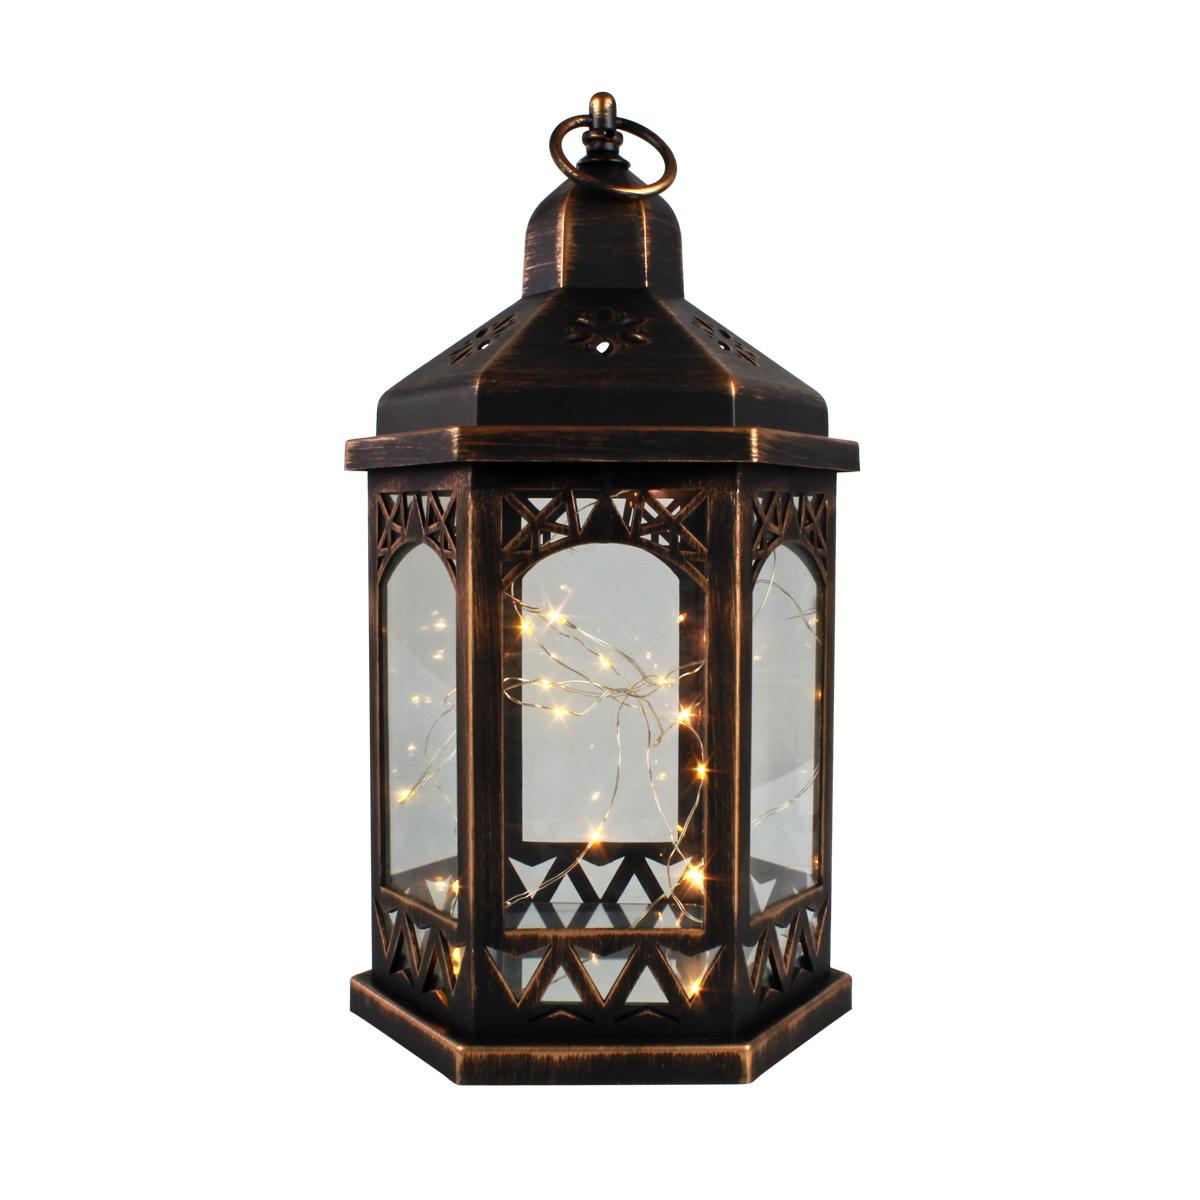 Lanterna Marroquina Decorativa LED Mod. Vazado Preto Envelhecido